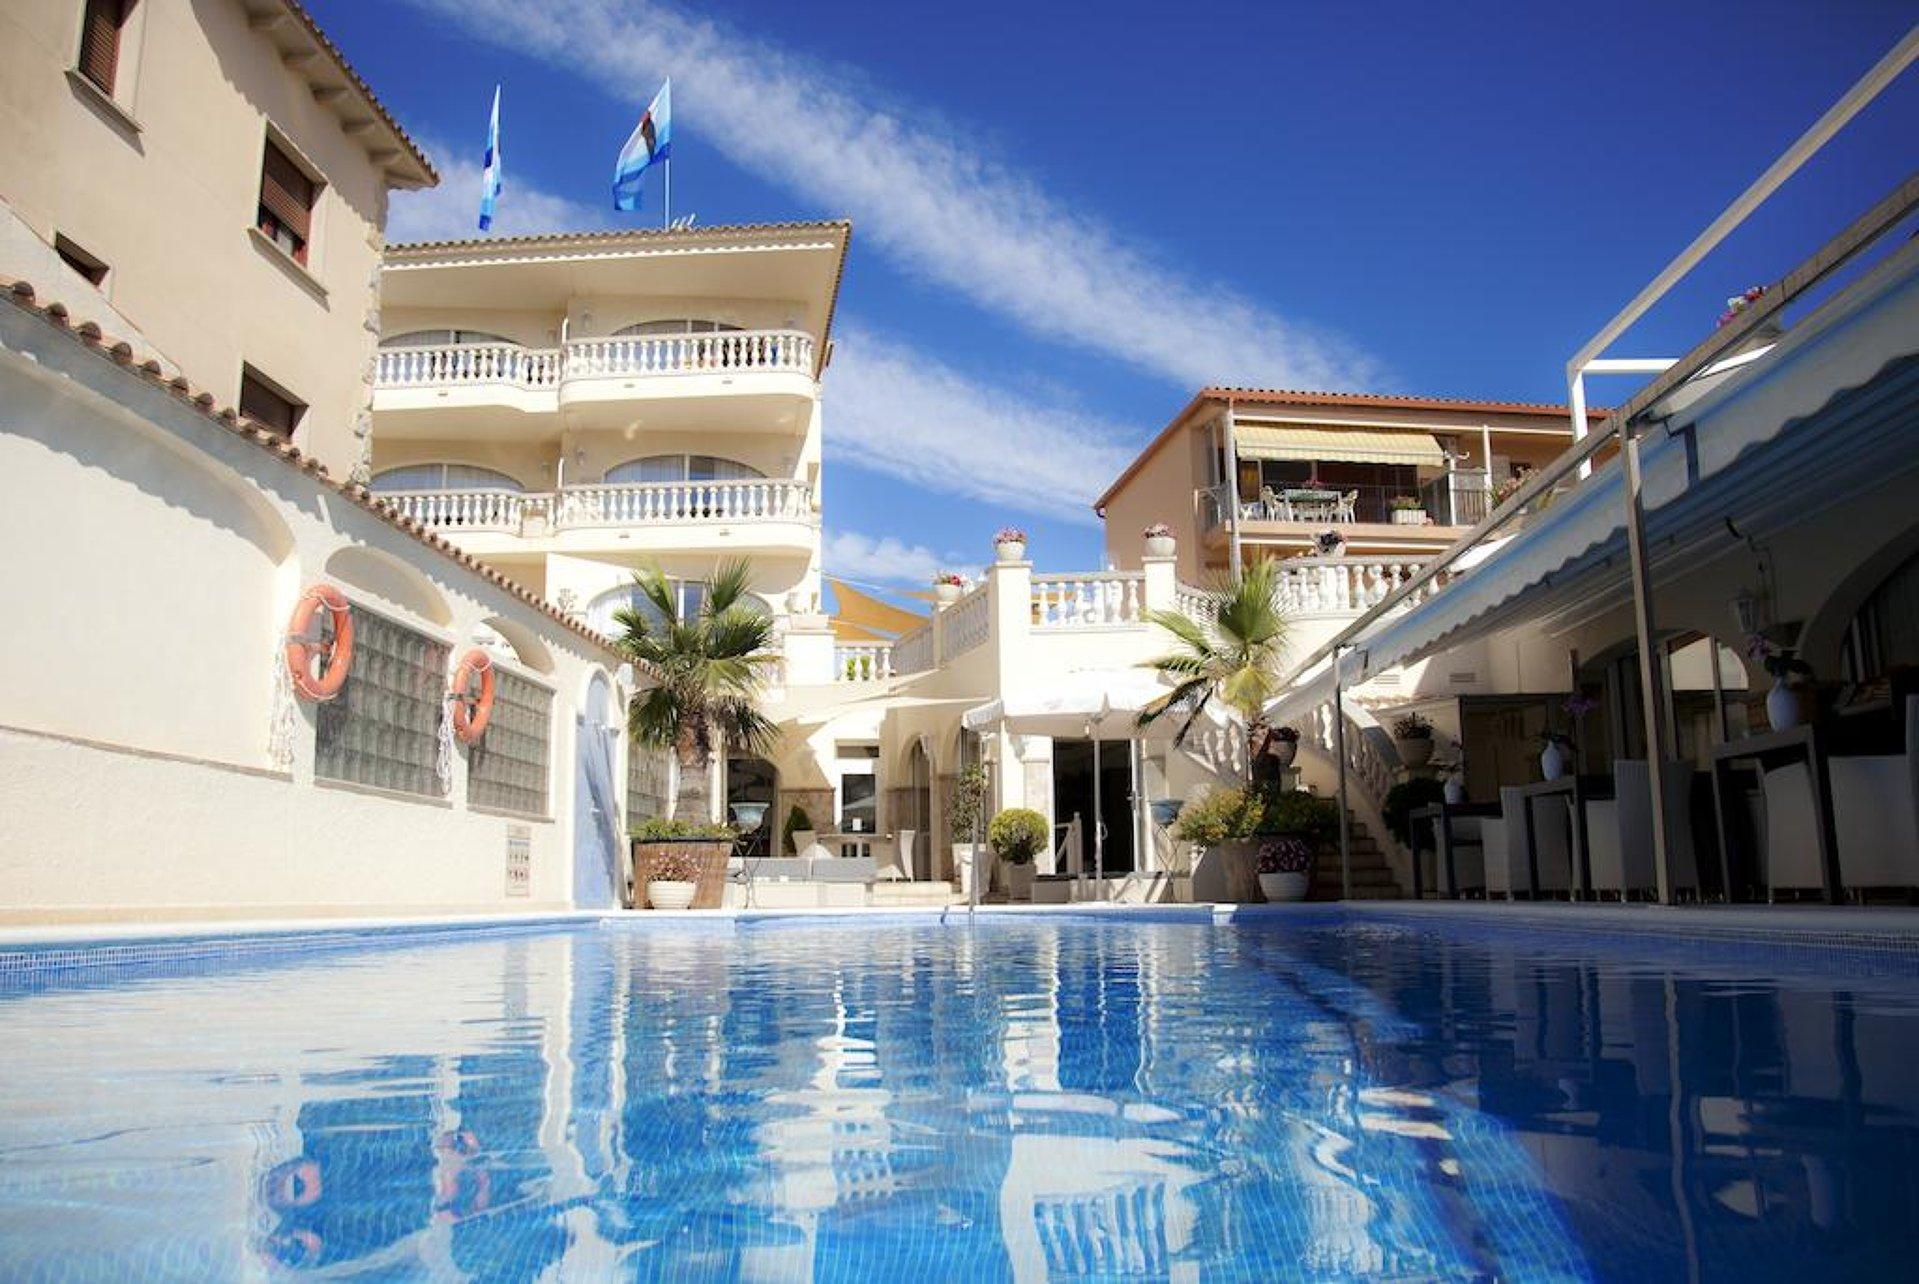 Van der Valk Hotel Barcarola